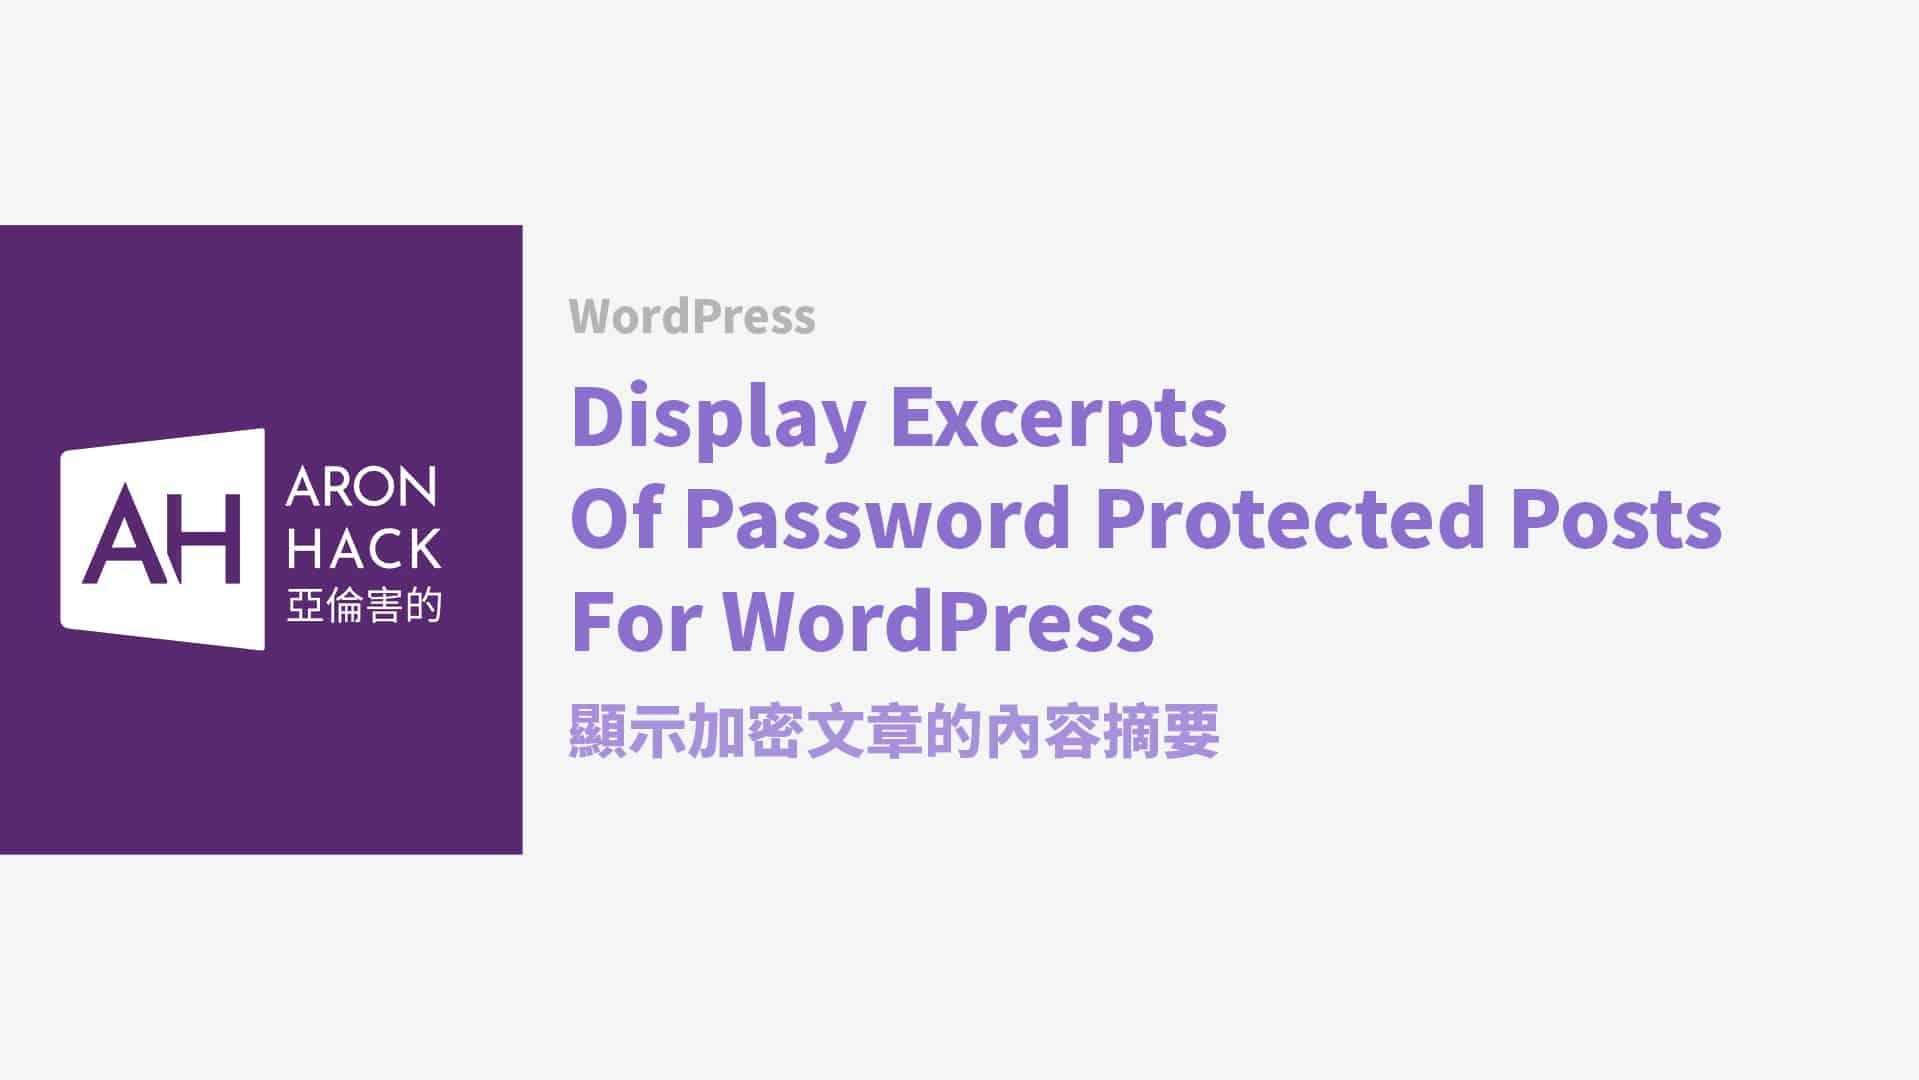 Display Excerpts Of Password Protected Posts For WordPress.jpg